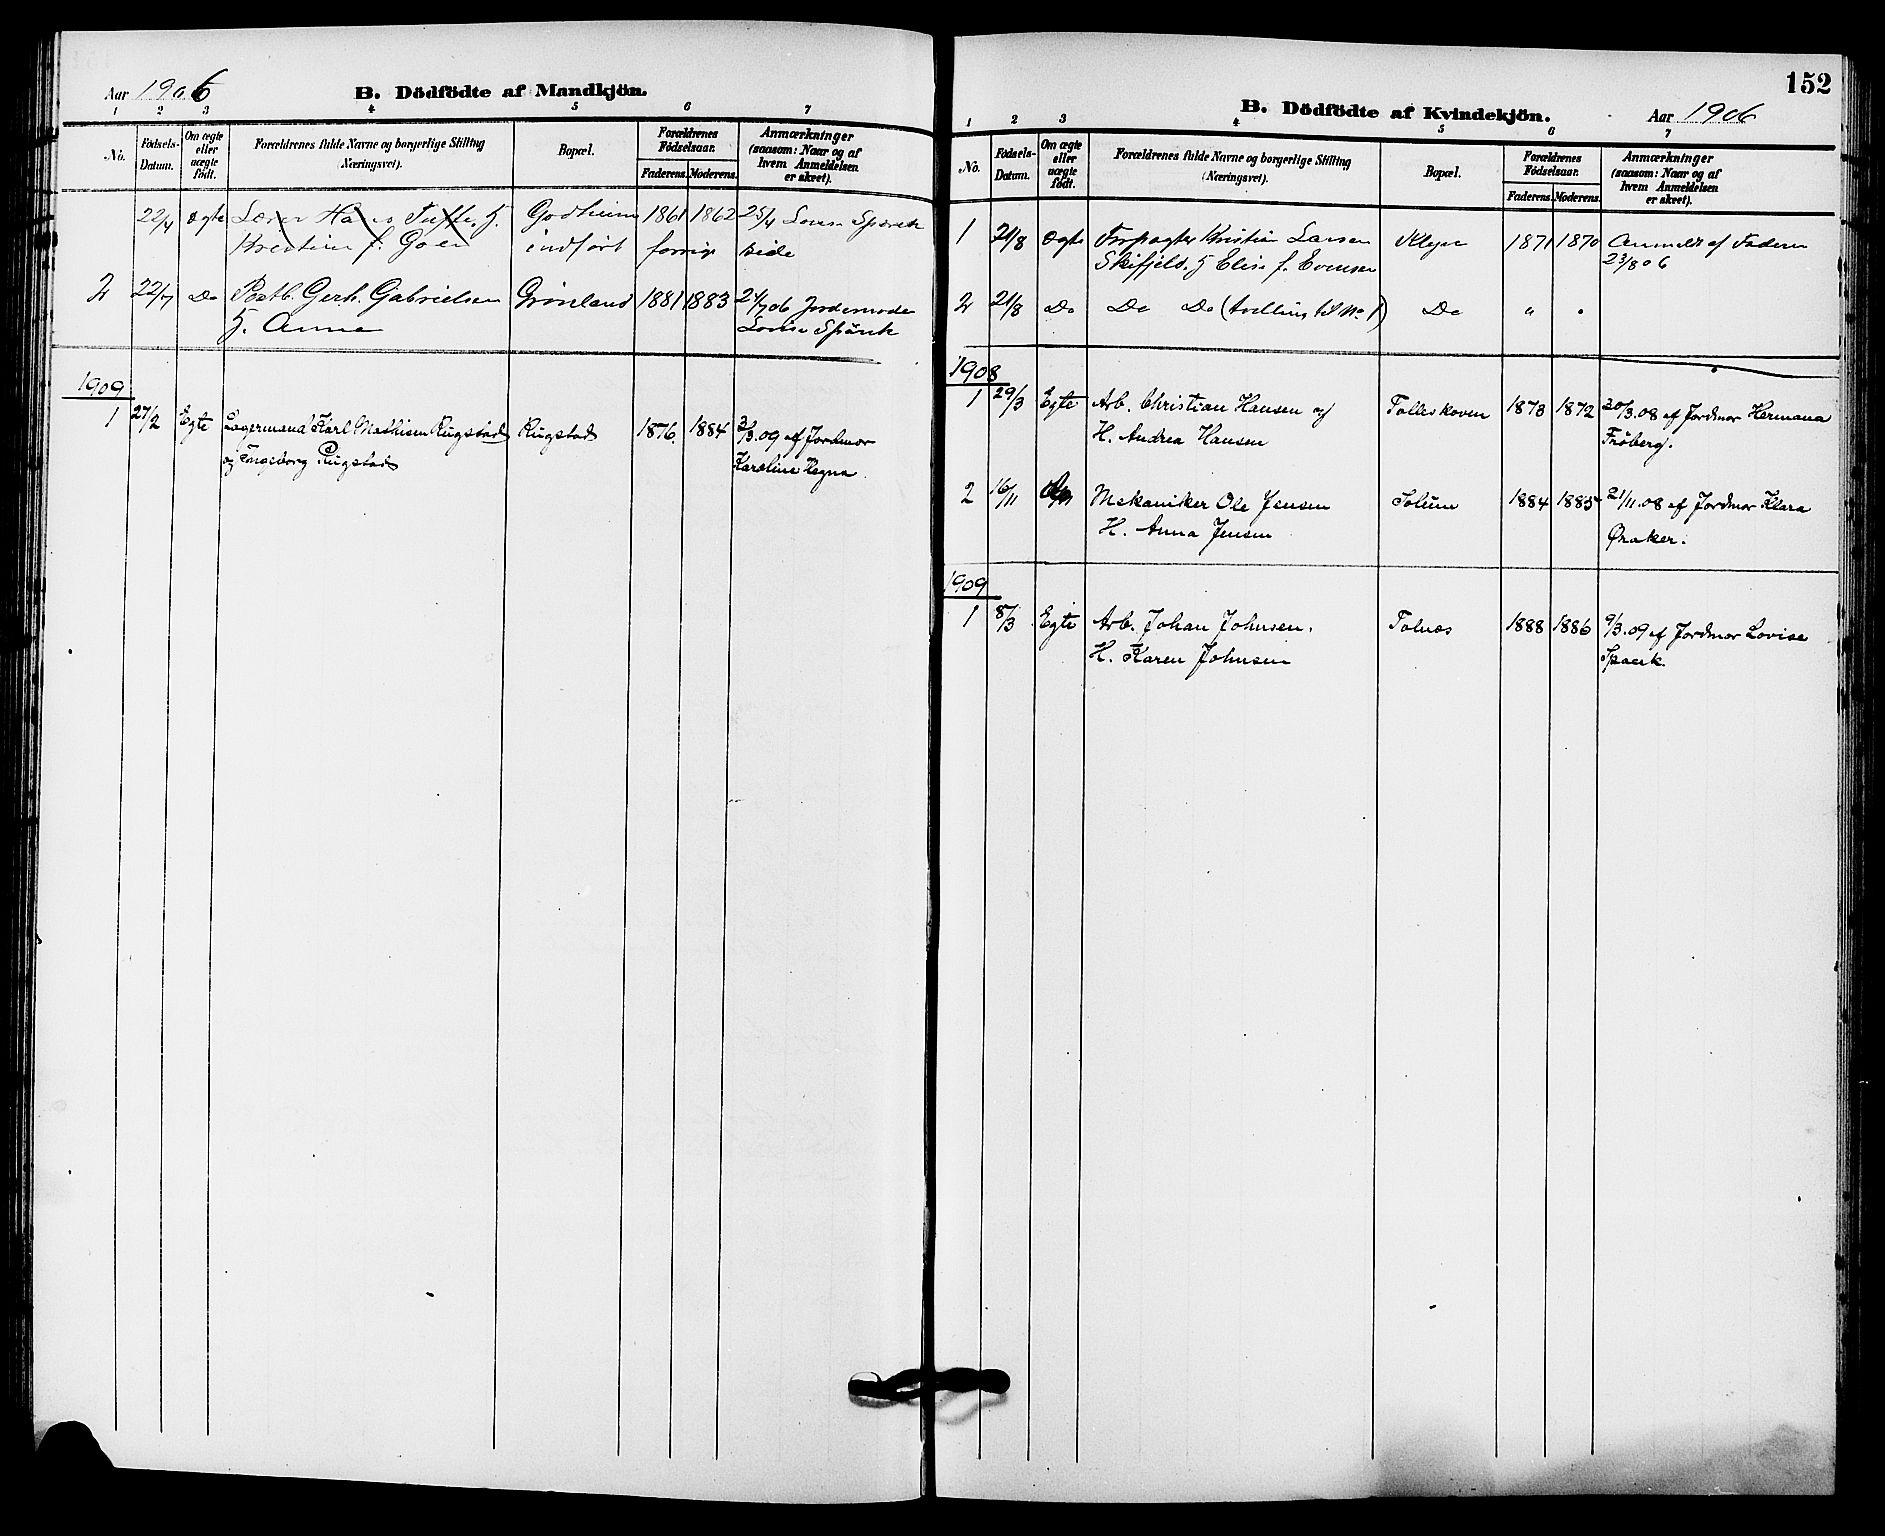 SAKO, Solum kirkebøker, G/Ga/L0008: Klokkerbok nr. I 8, 1898-1909, s. 152